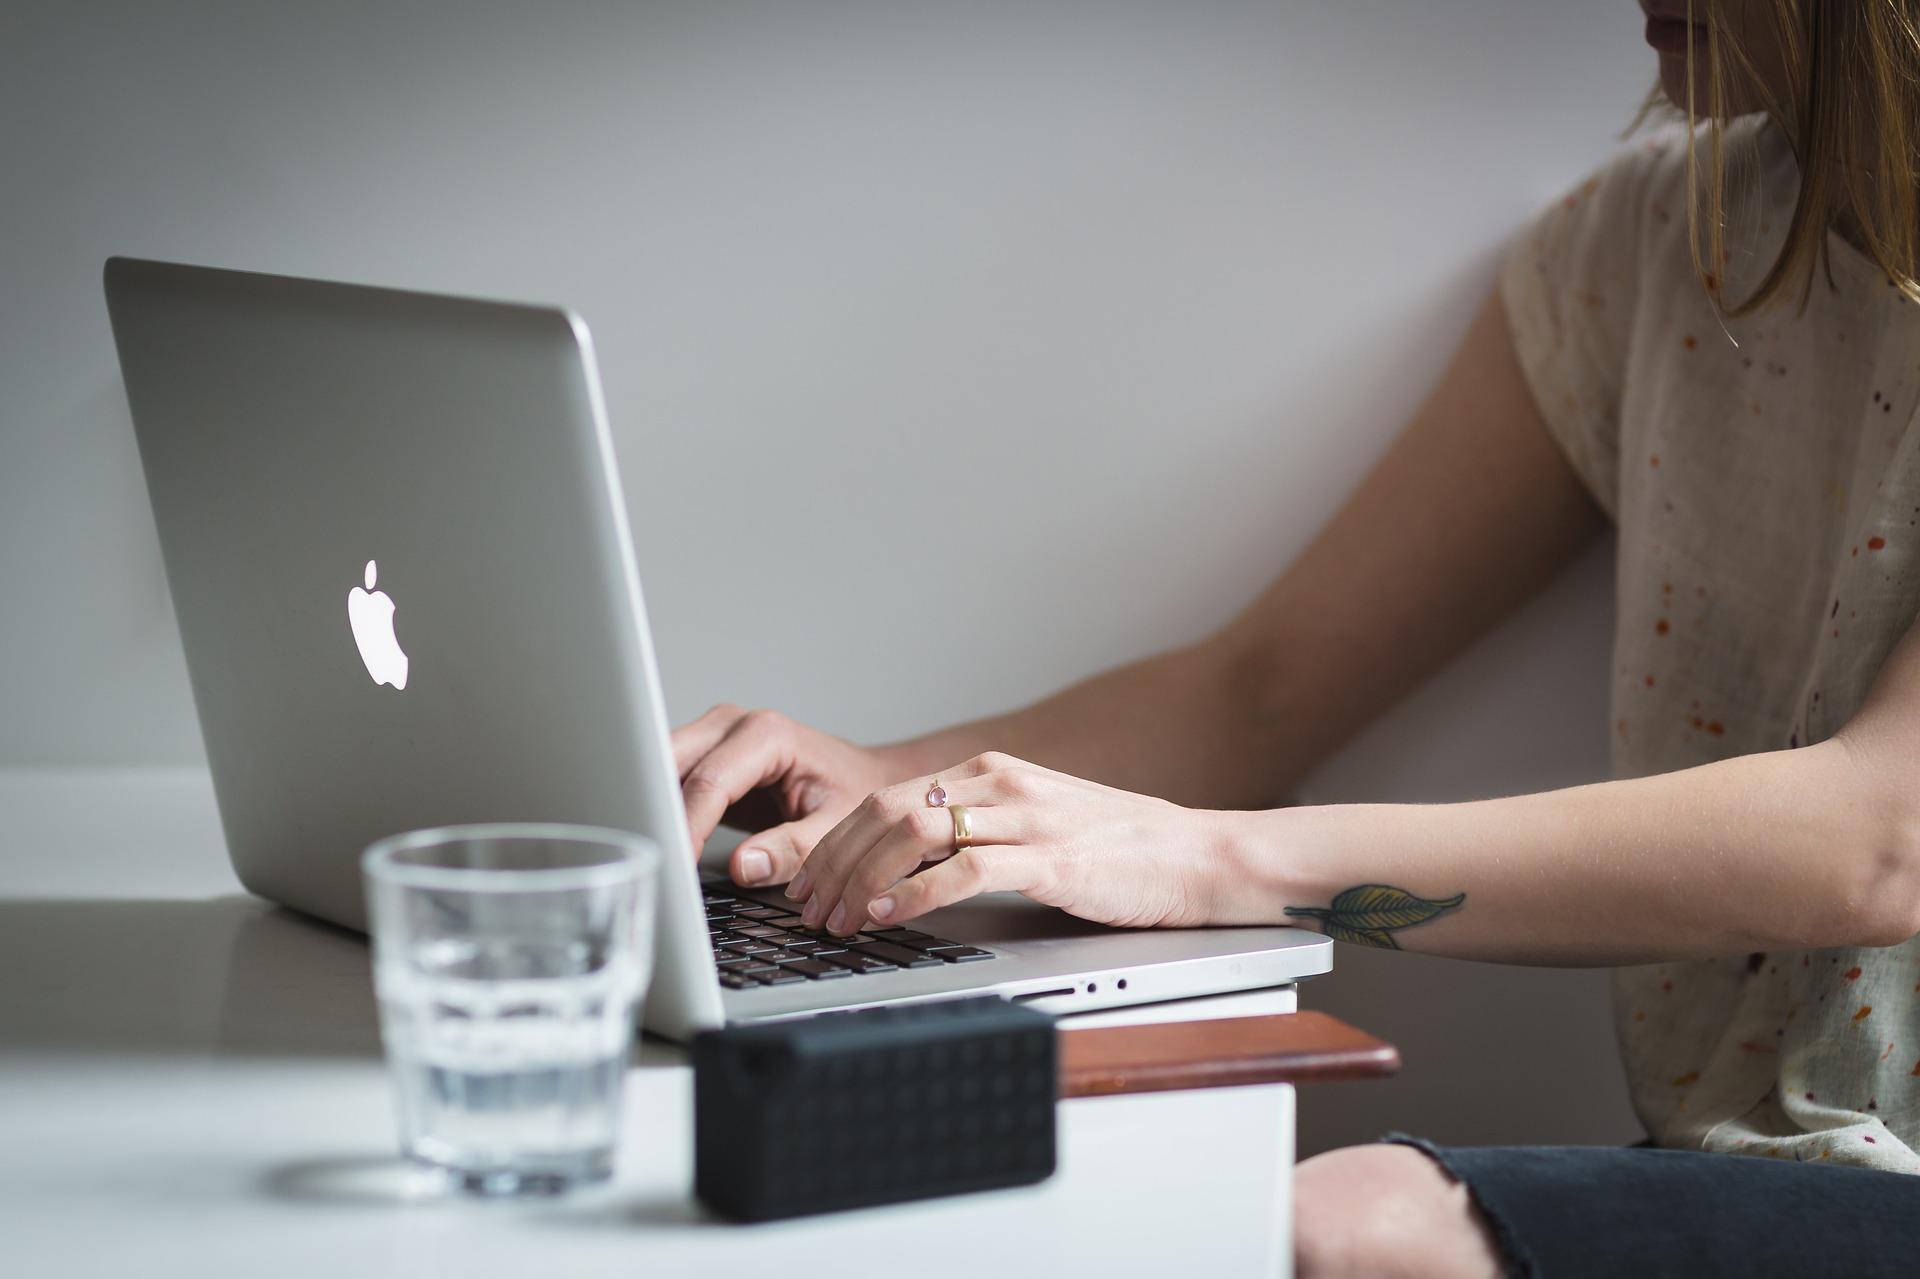 Recherche am Laptop